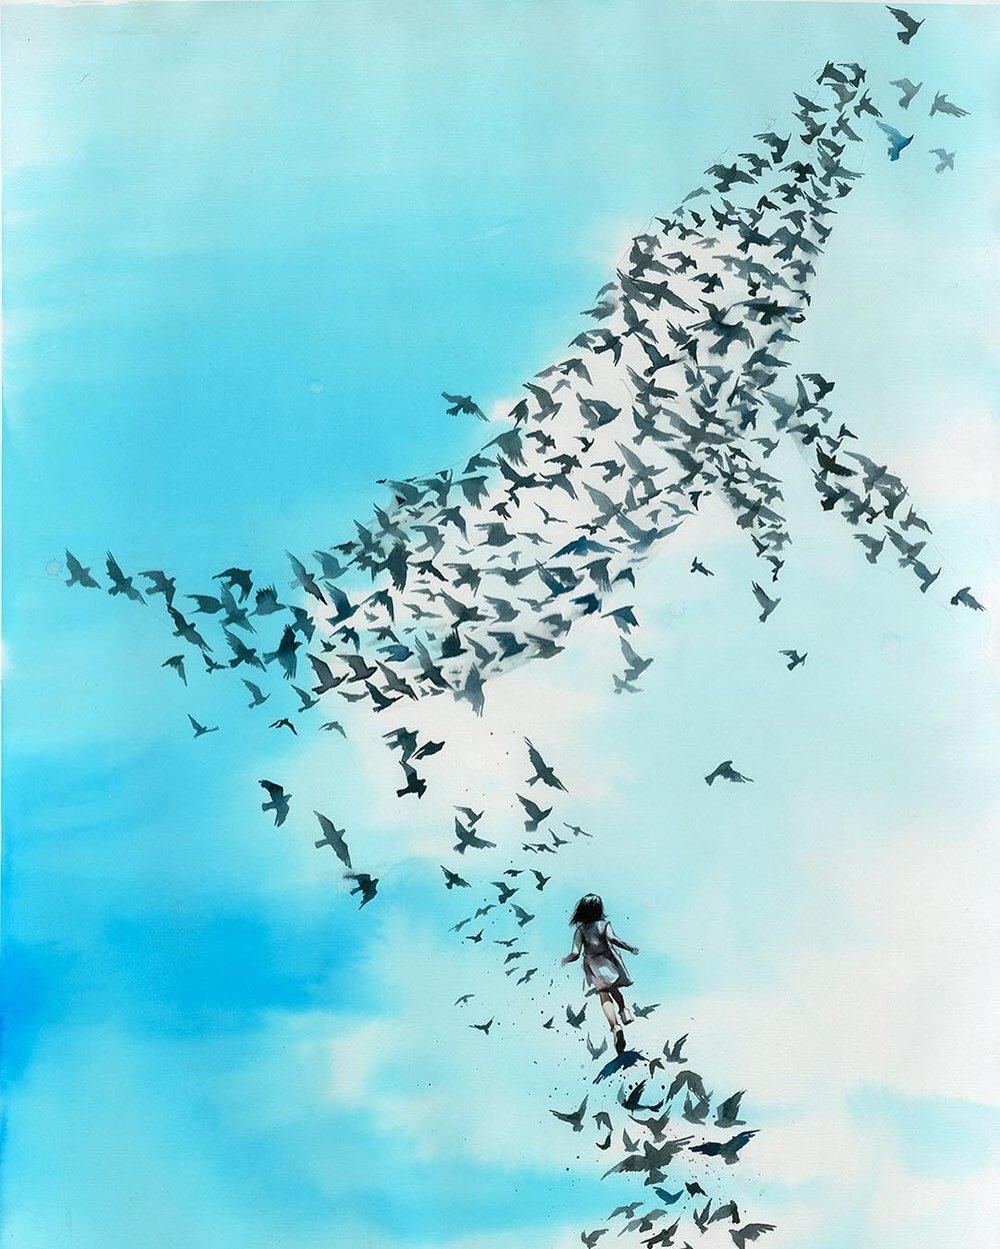 Stairway of Birds